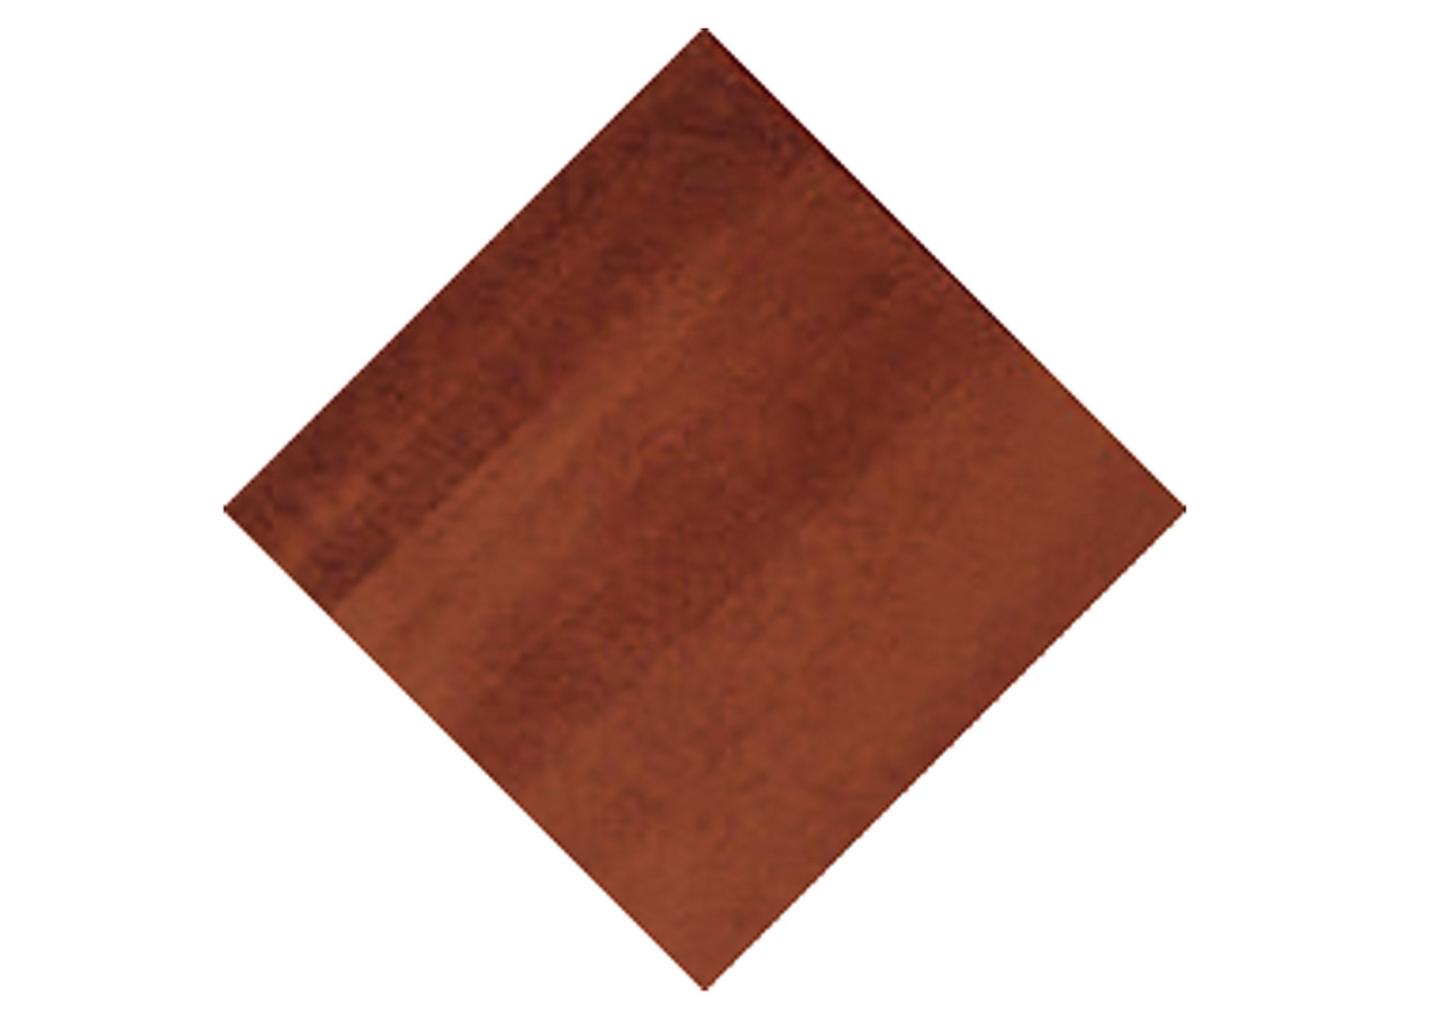 kleiner beistelltisch in verschiedenen farben eiche rustikal m bel bader. Black Bedroom Furniture Sets. Home Design Ideas